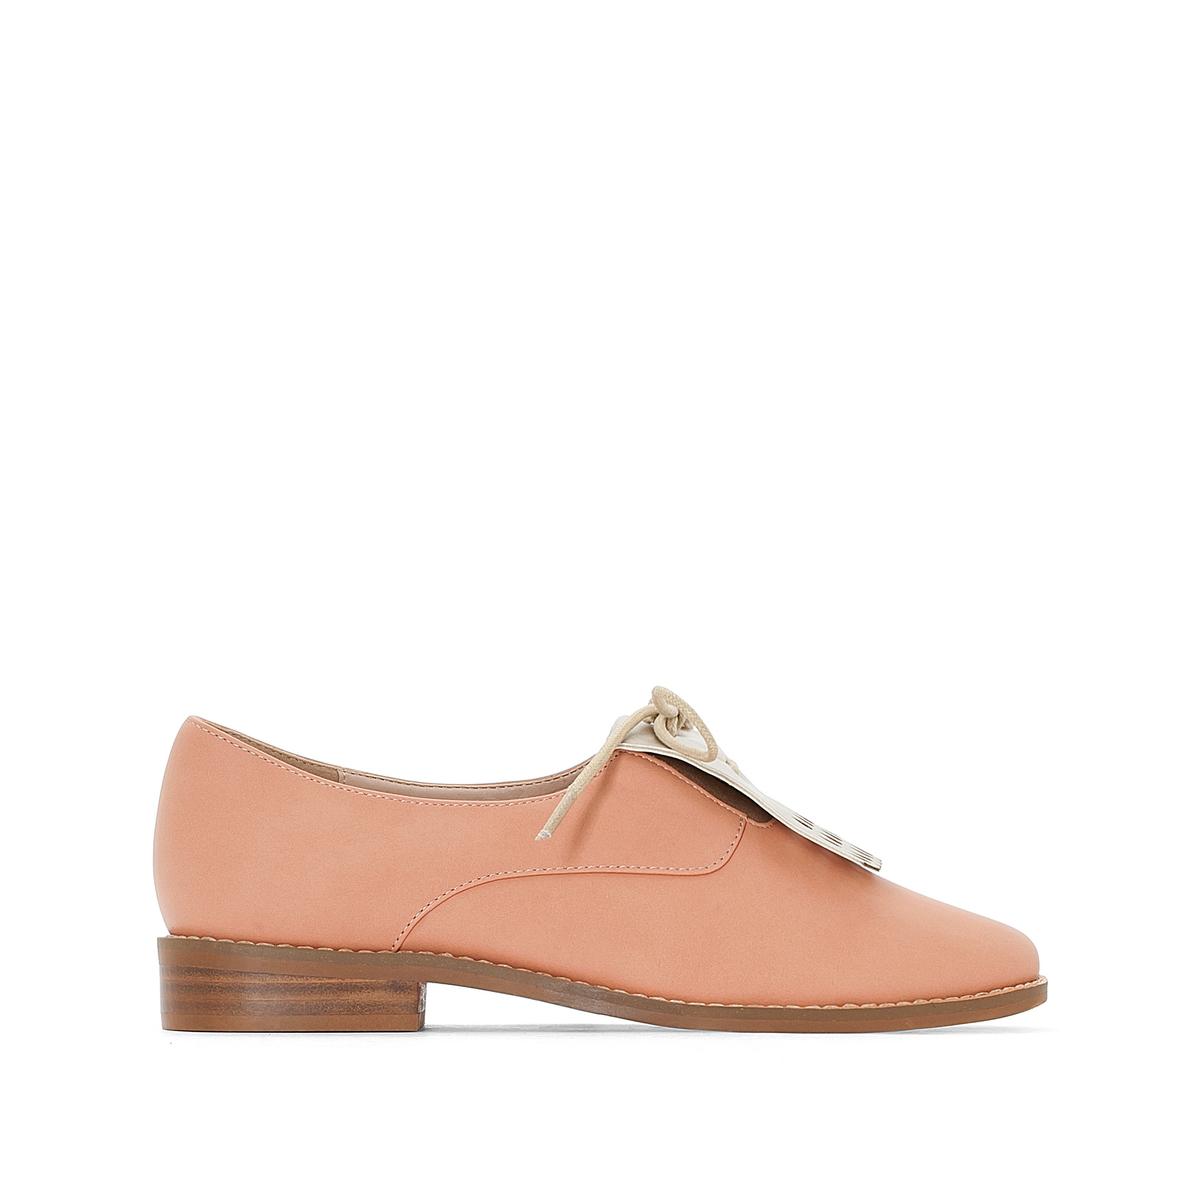 Ботинки-дерби в мексиканском стиле ботинки дерби под кожу питона